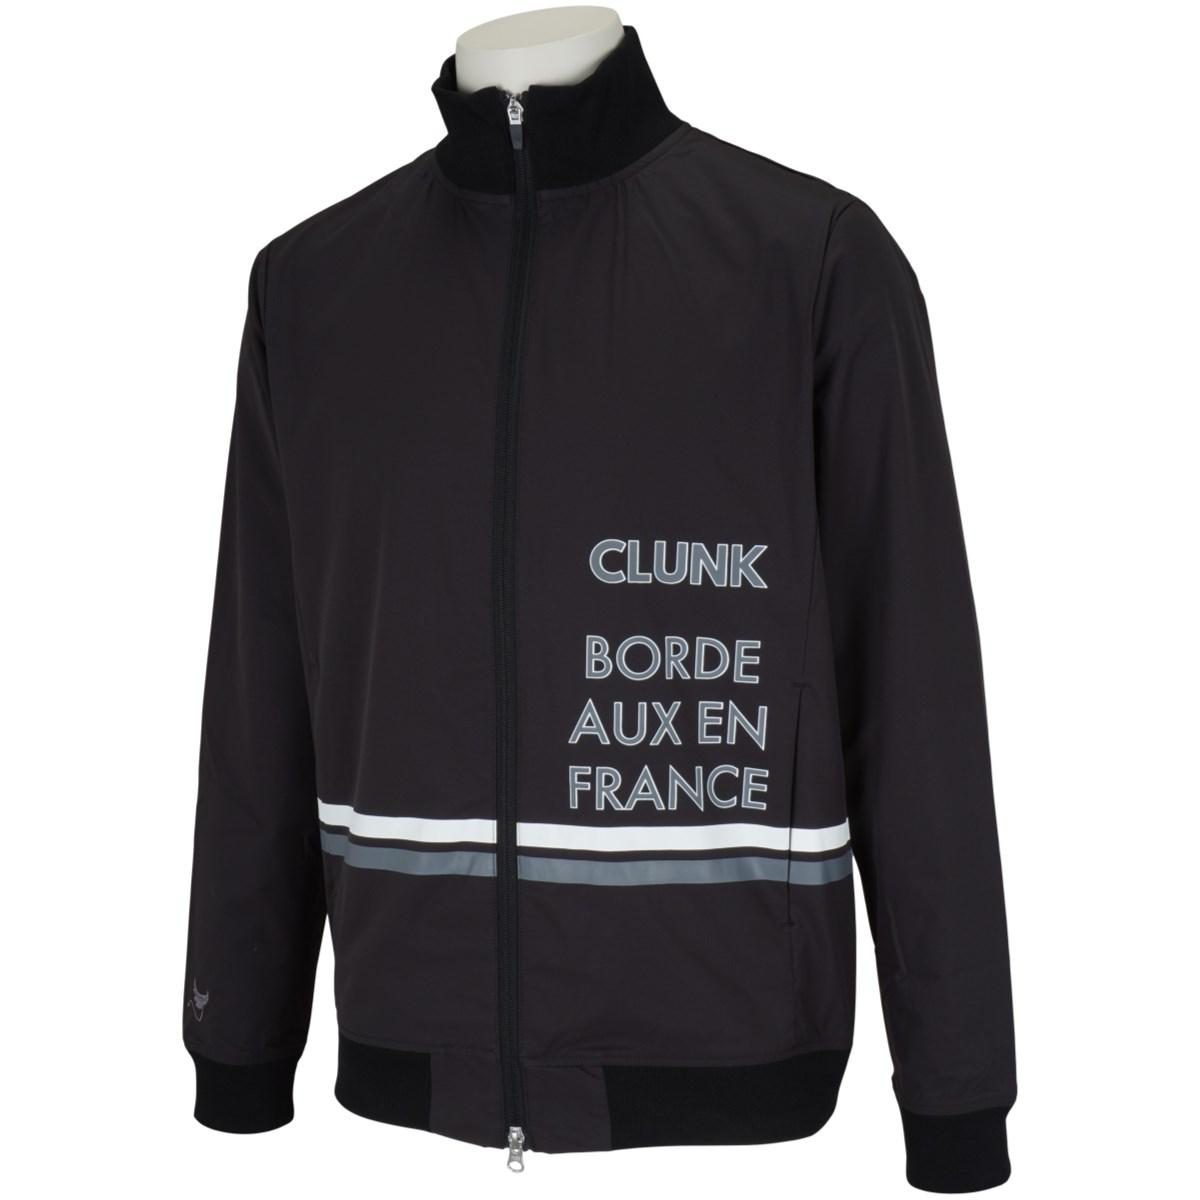 クランク(Clunk) はっ水ストレッチブルゾン